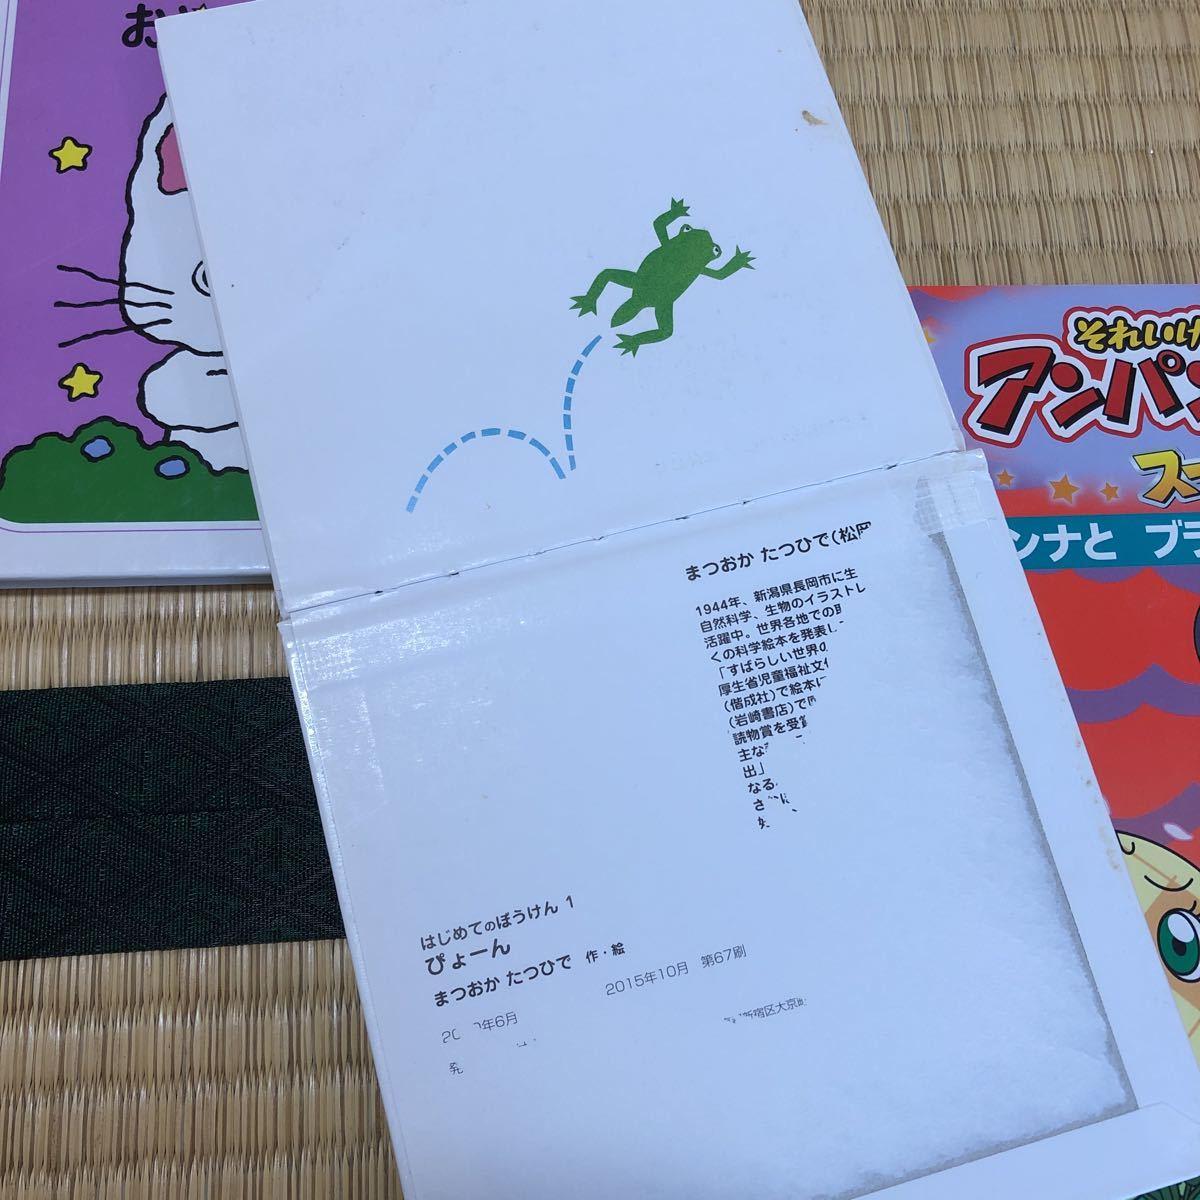 人気絵本 いもとようこ アンパンマン ノンタン 五味太郎 しかけ絵本 えほん ベビー 読み聞かせ セット こどもずかん 20冊